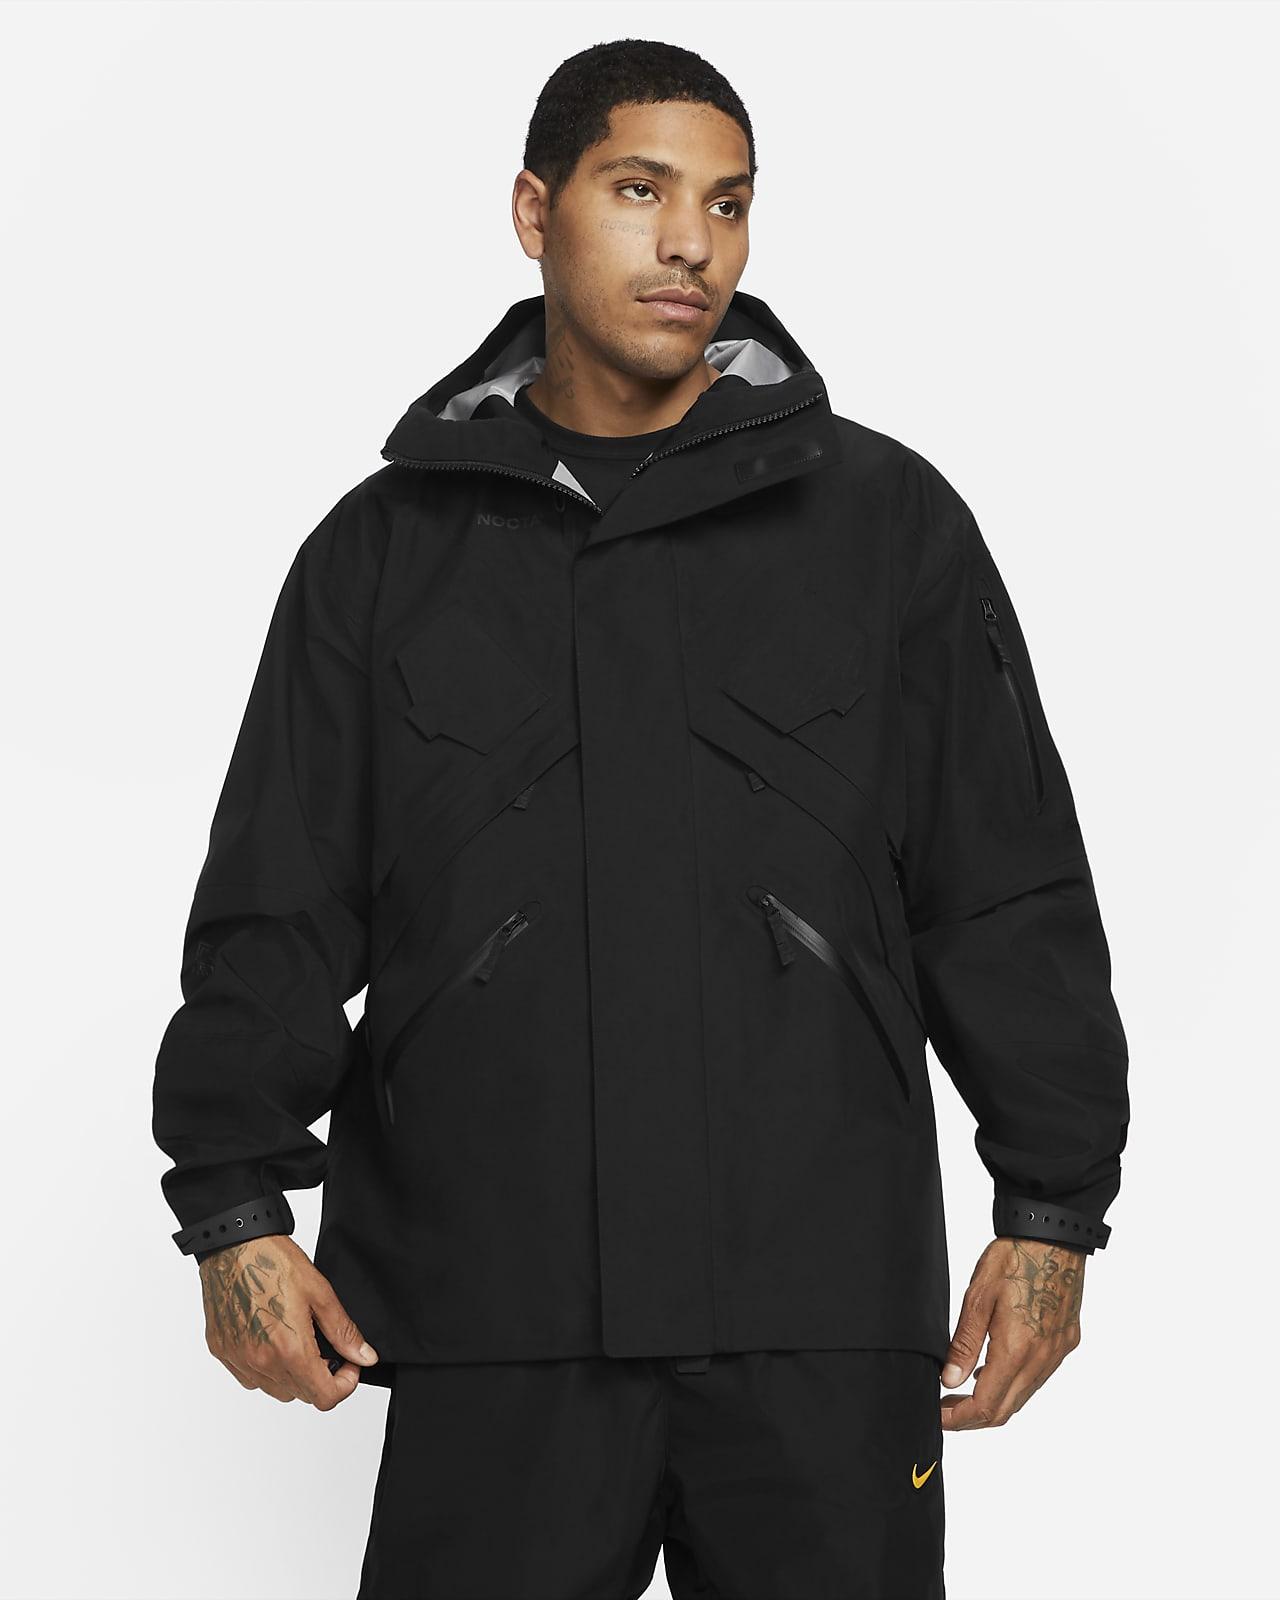 NOCTA Tech Jacket